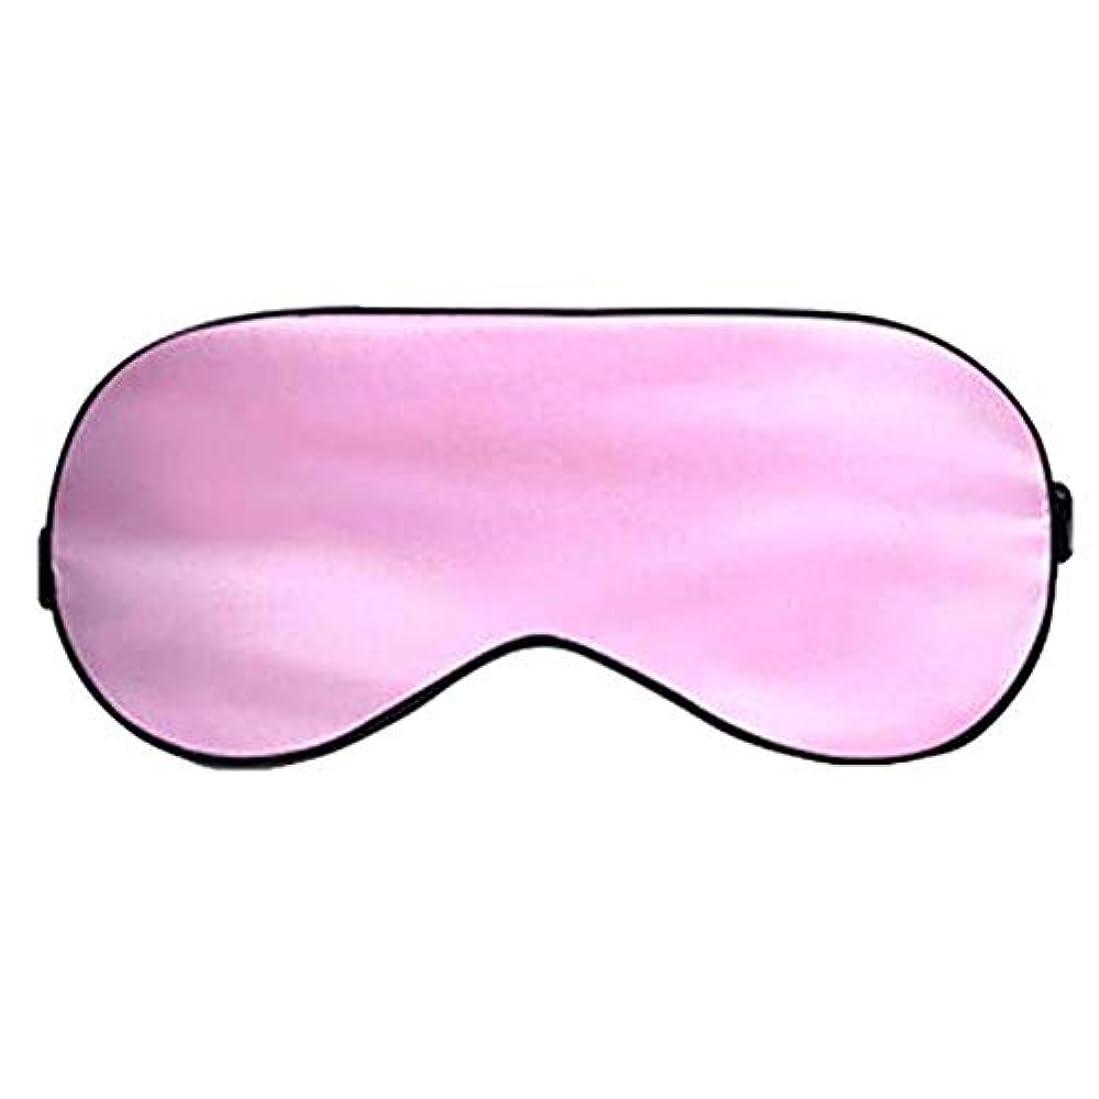 モール状蘇生するピンクシルク睡眠アイシェッド睡眠アイマスク睡眠用調節可能なストラップ